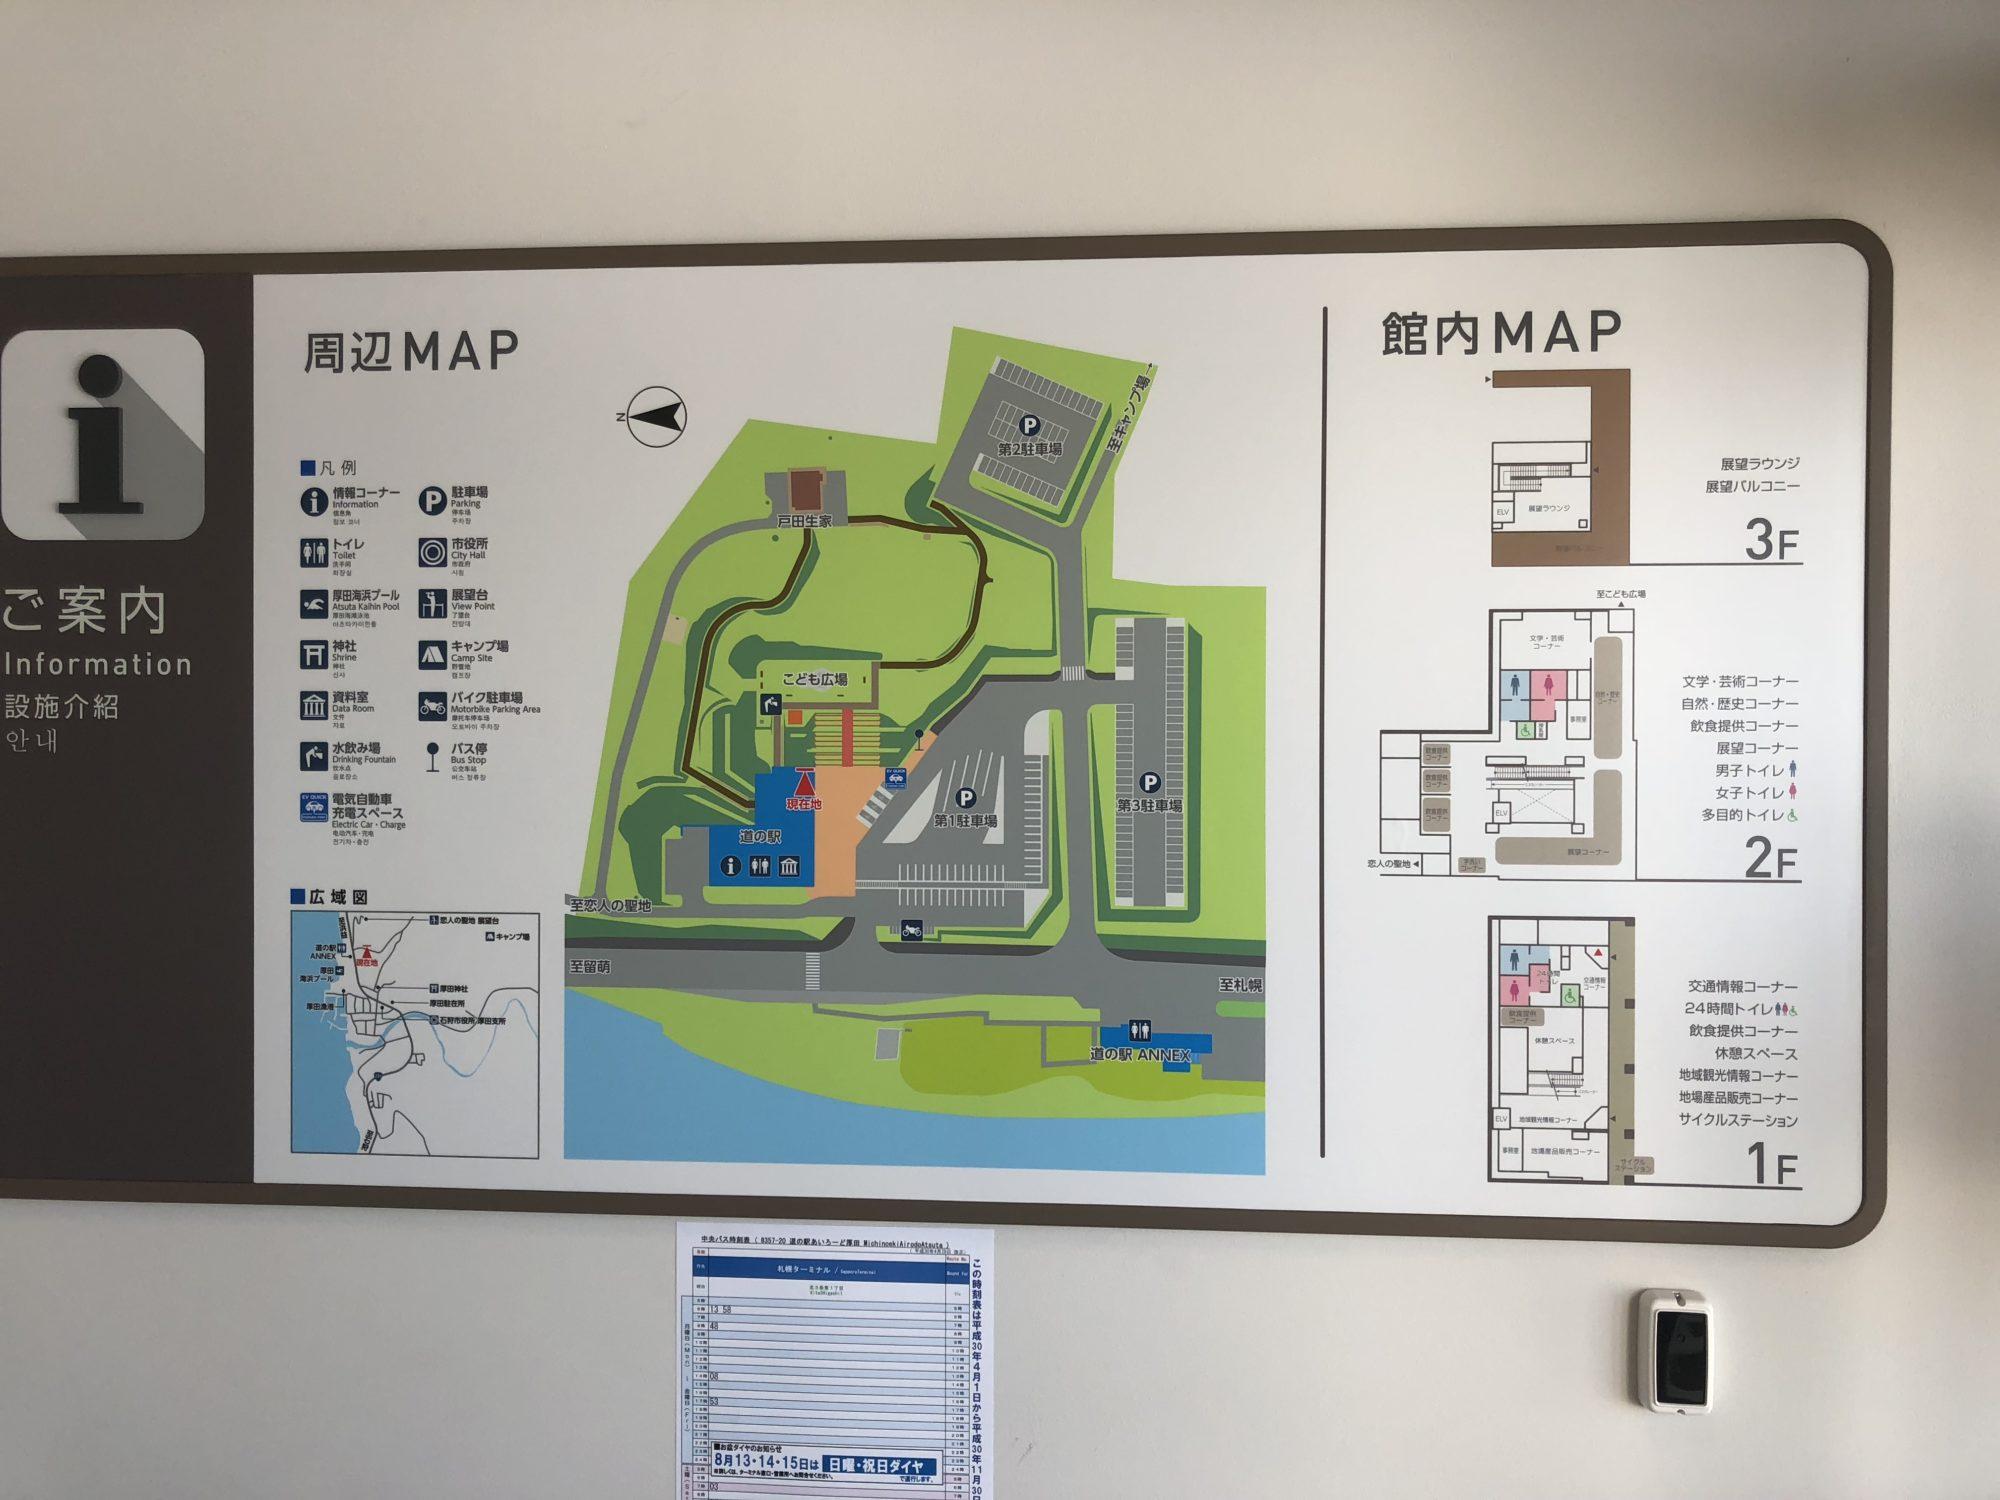 厚田あいろーどの地図